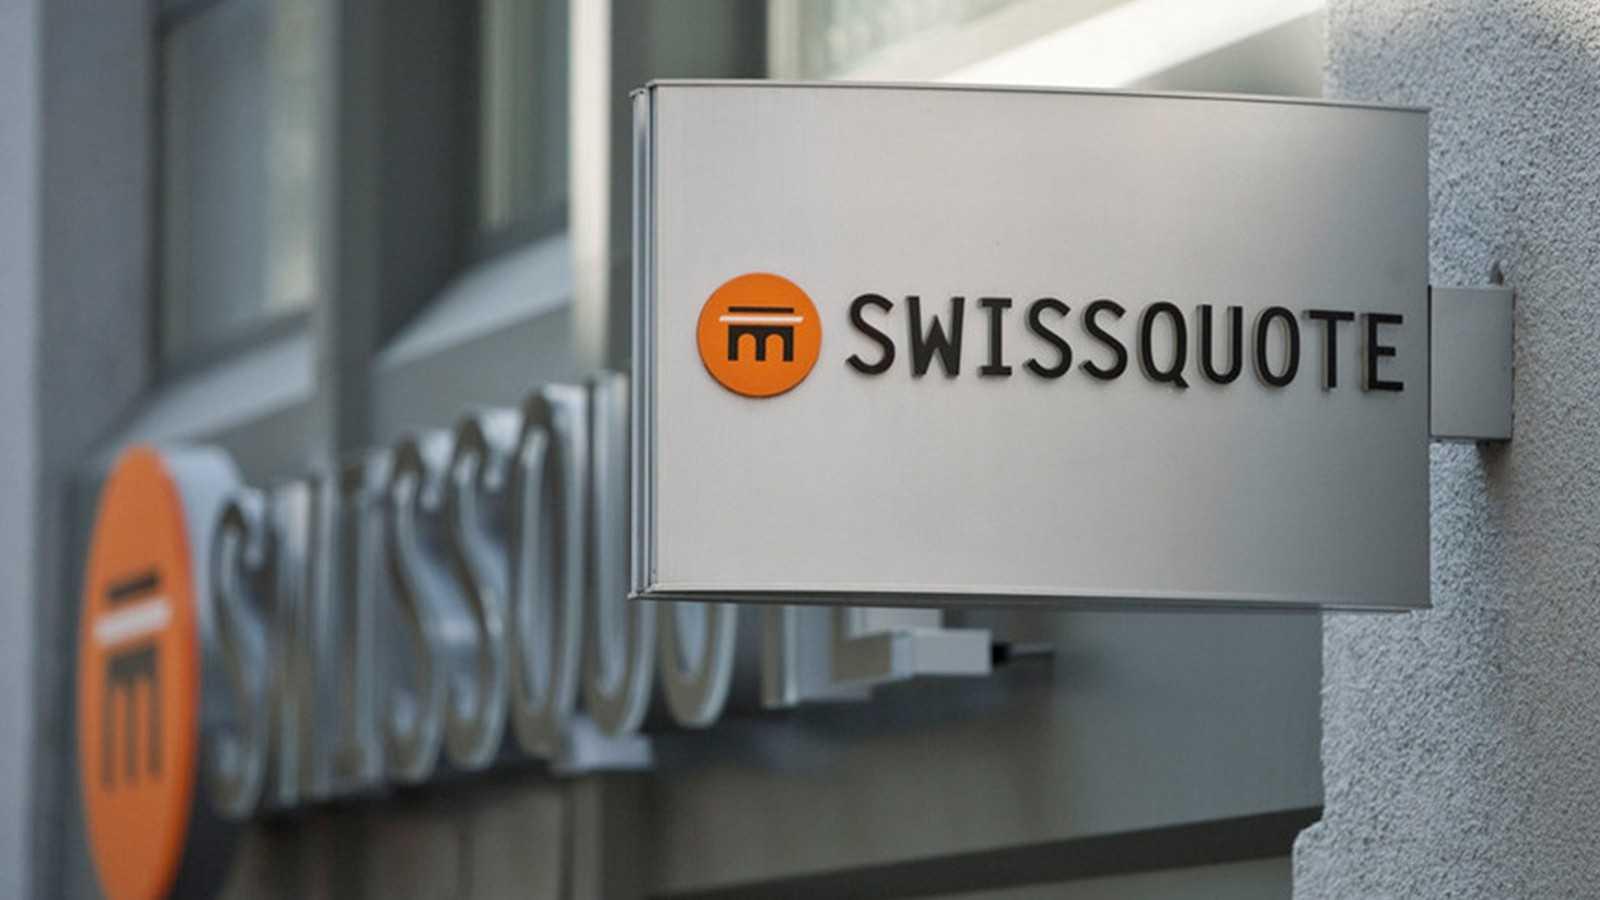 Швейцарский банк Swissquote начал поддерживать альткоины